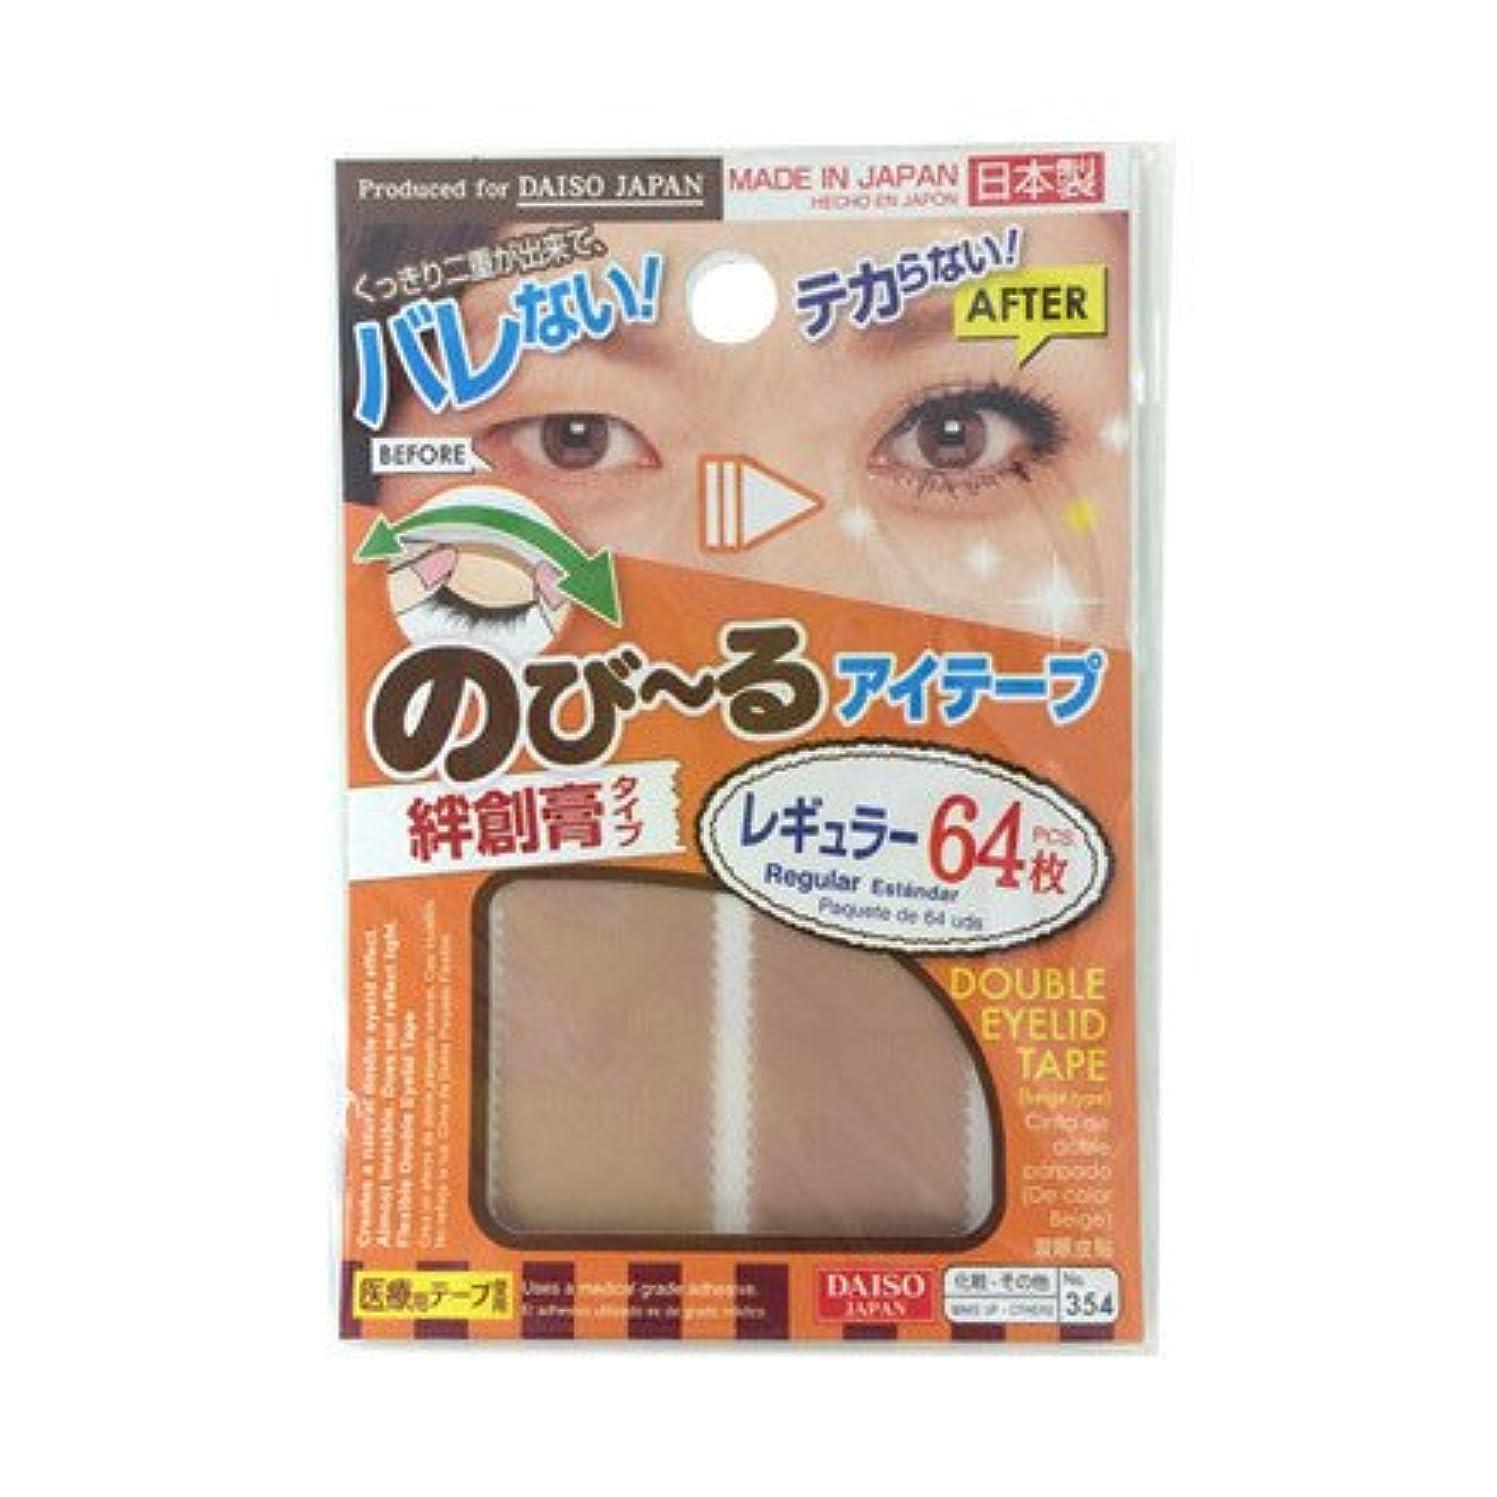 プレゼントバーベキュー結び目daiso ダイソー のび~る アイテープ  絆創膏 レギュラー 64枚 ×2パック